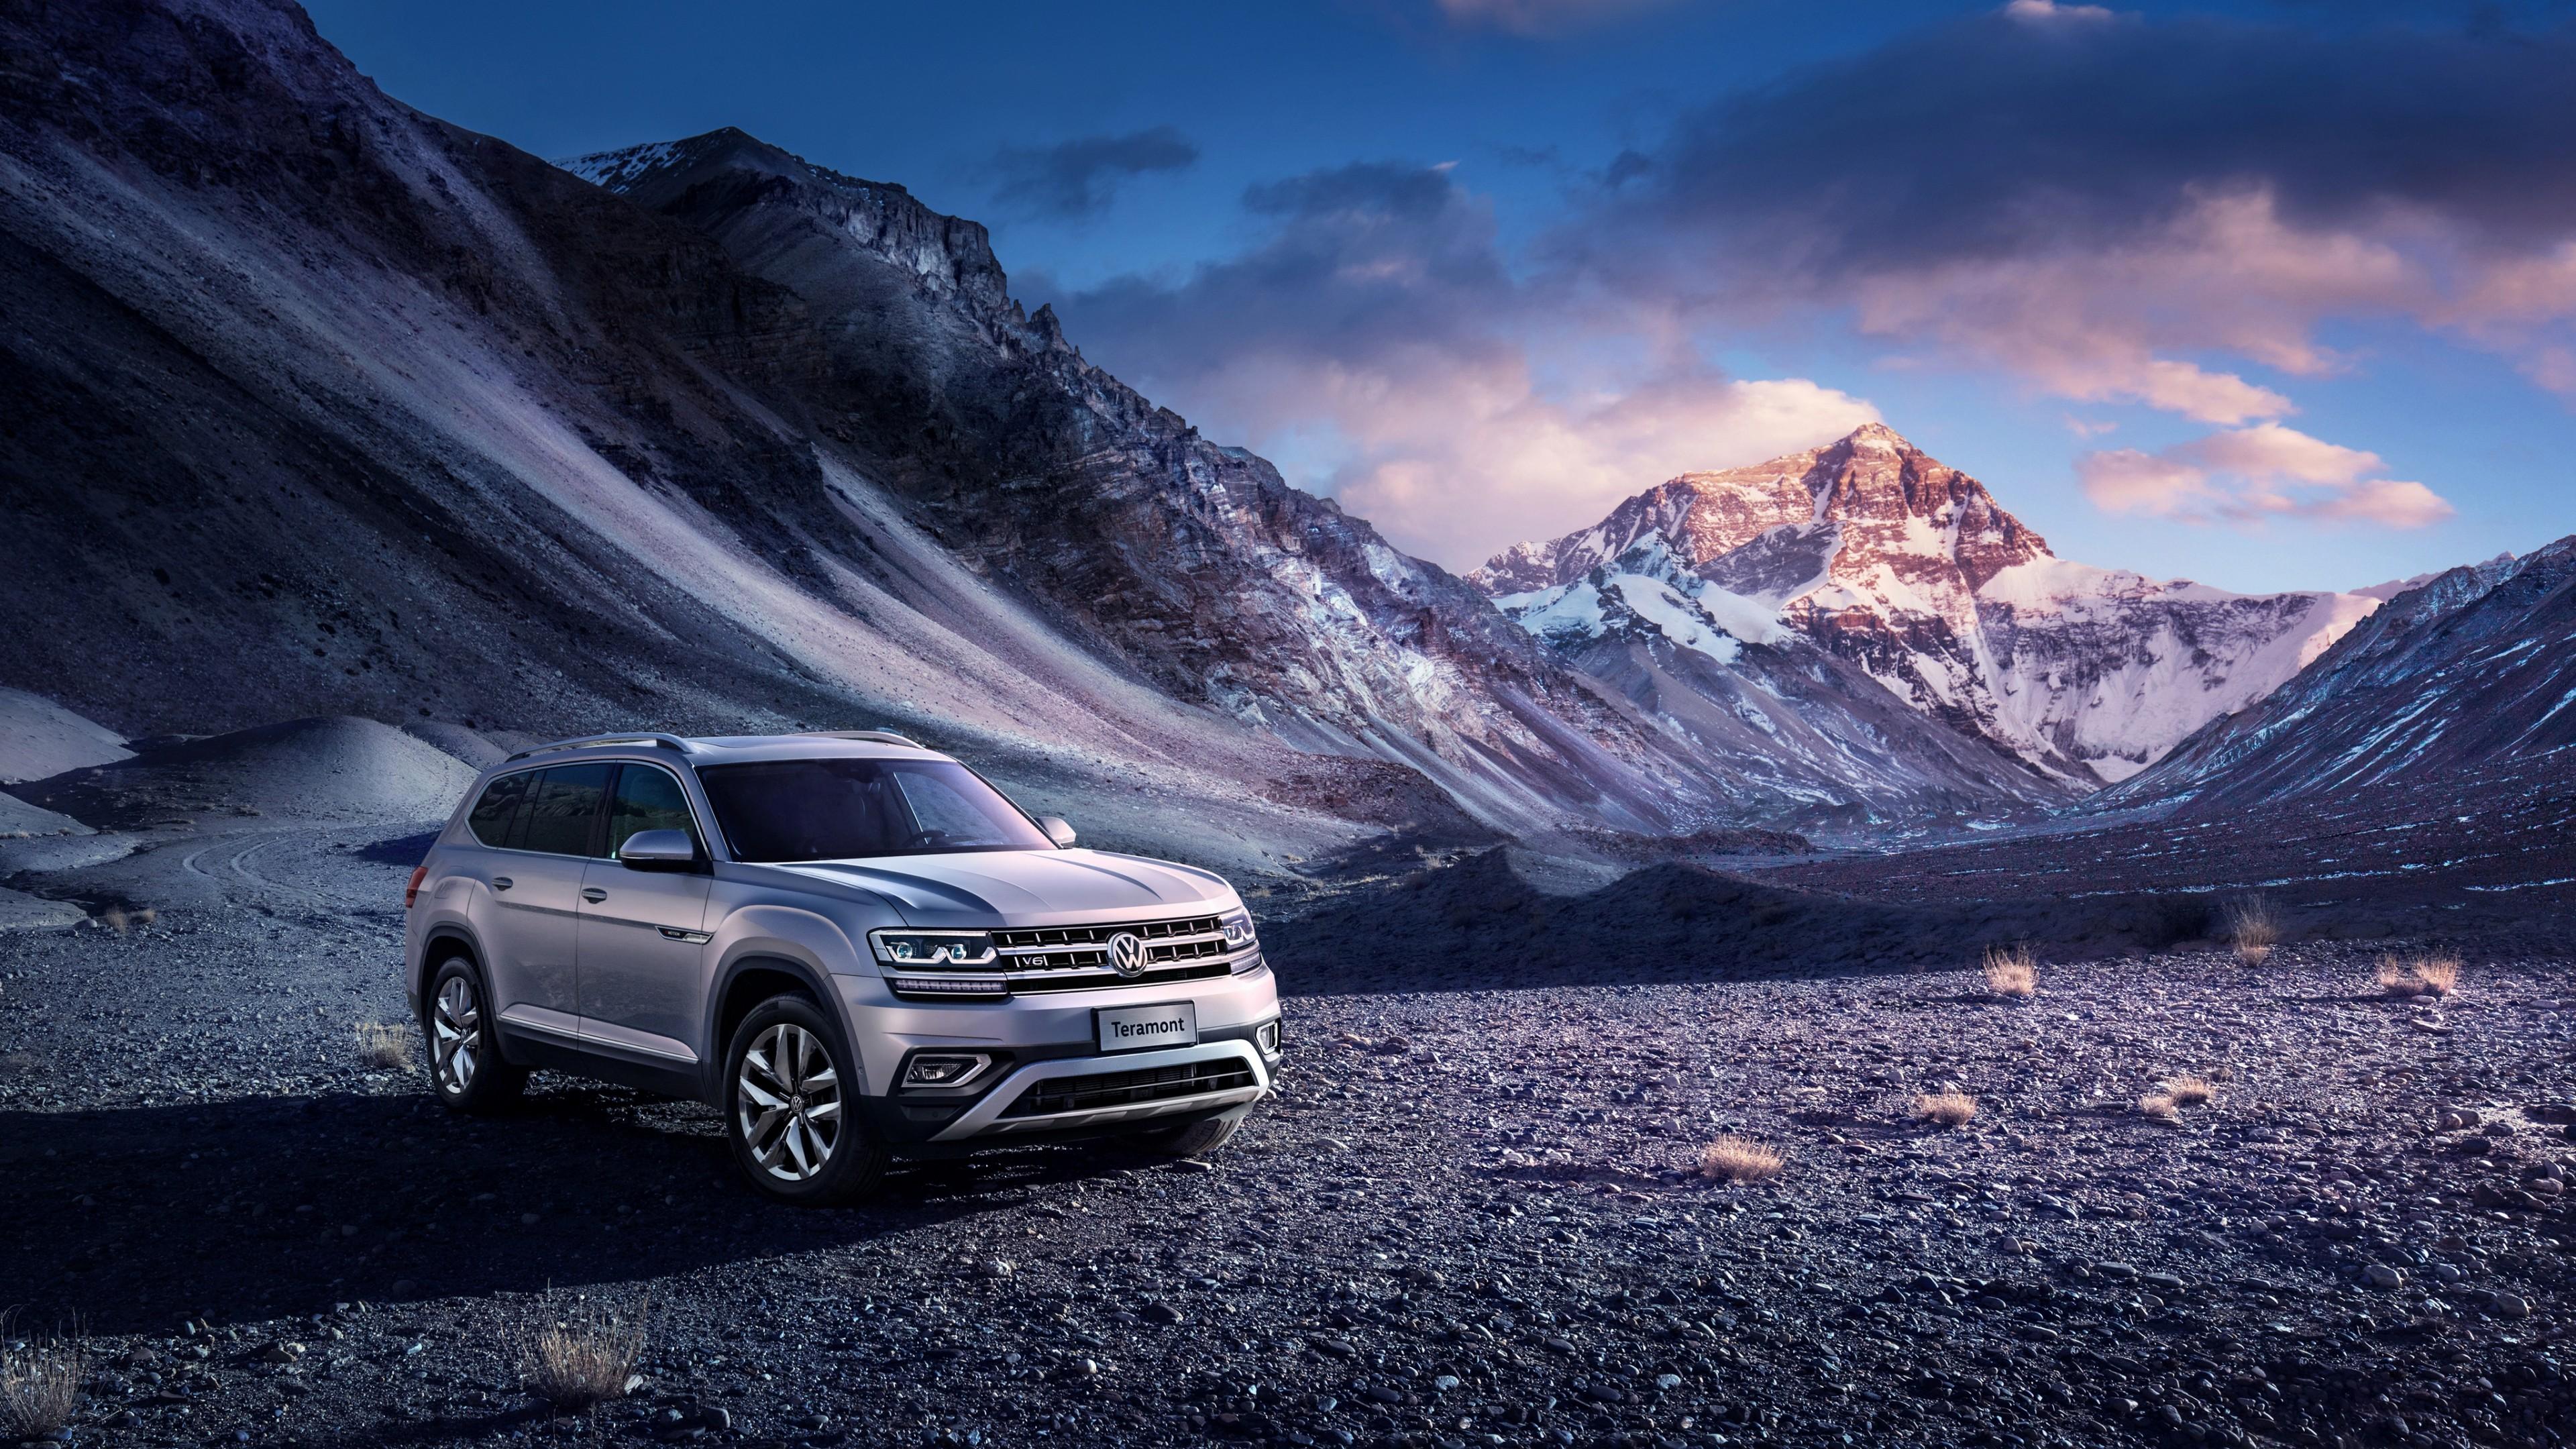 2019 Volkswagen Teramont 4K Wallpaper | HD Car Wallpapers ...